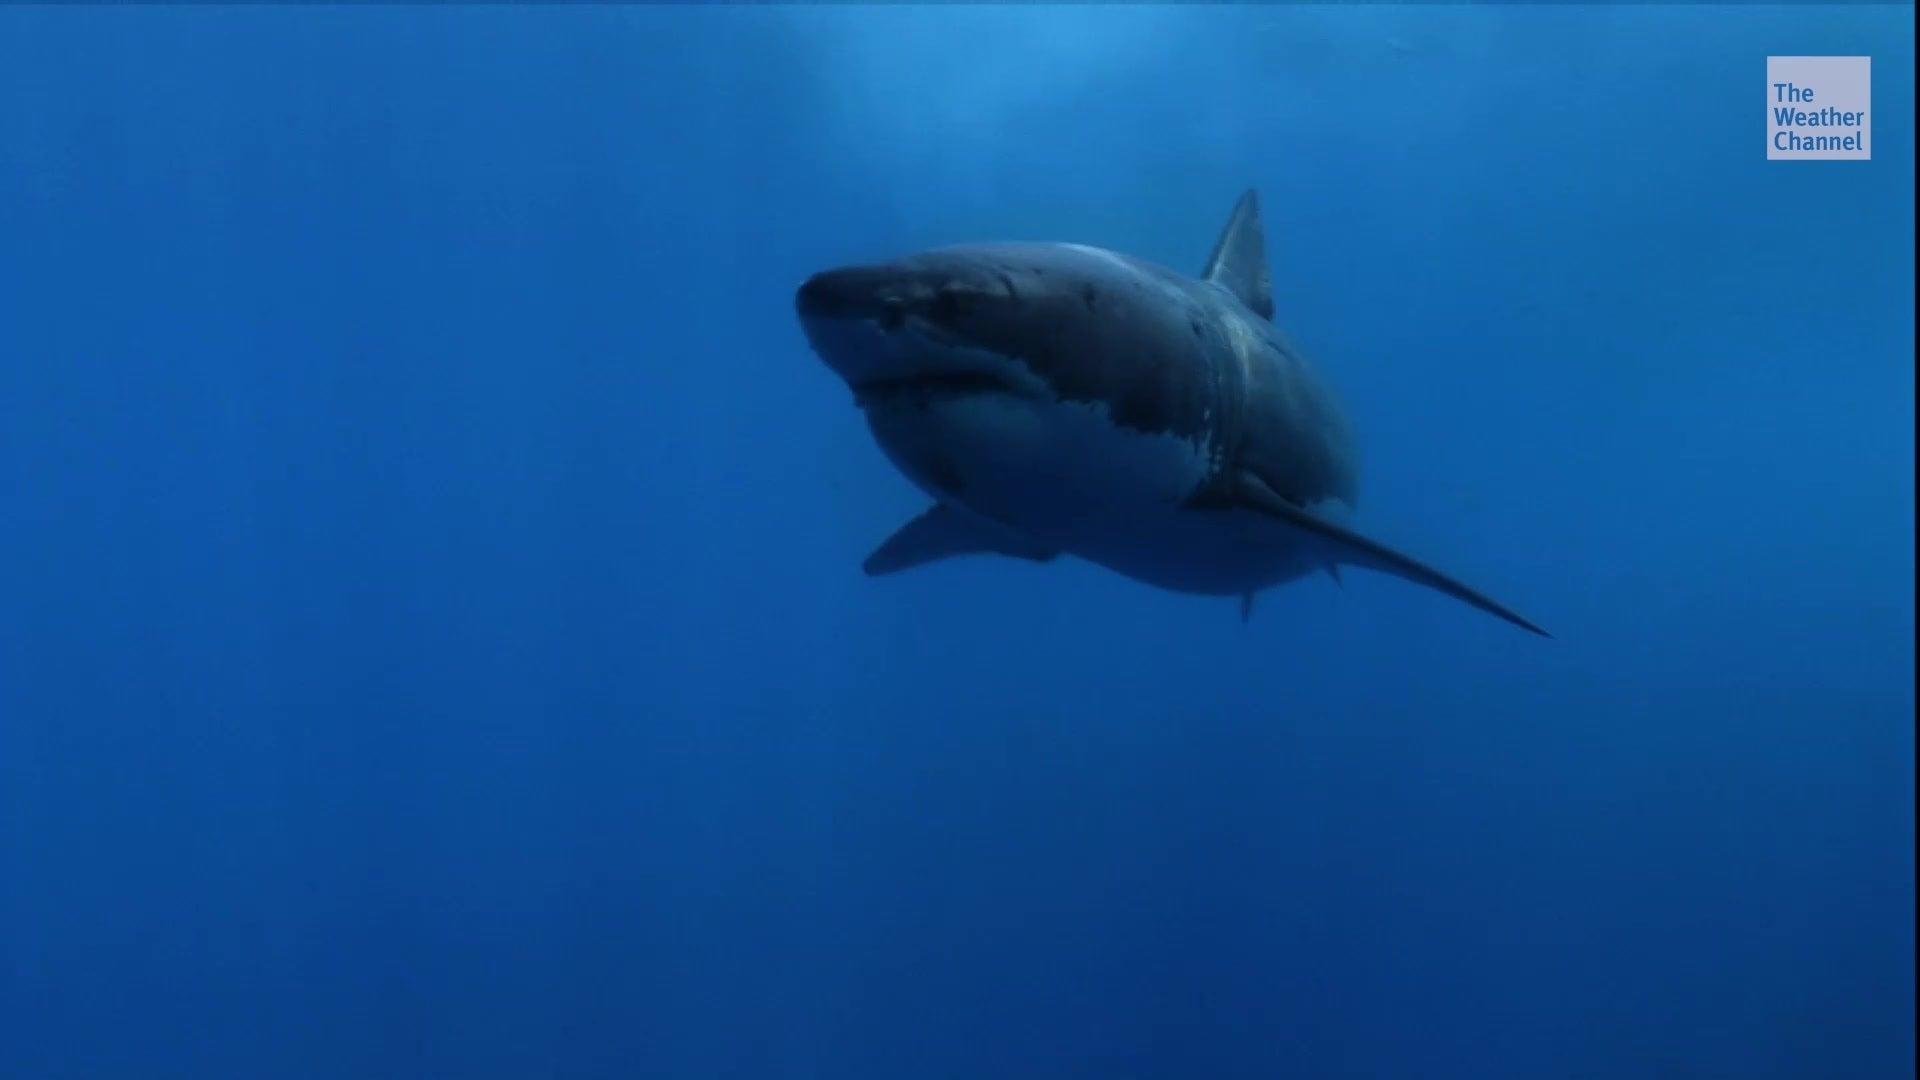 Untersuchung zeigt: Ein Tier treibt sogar den Weißen Hai in die Flucht